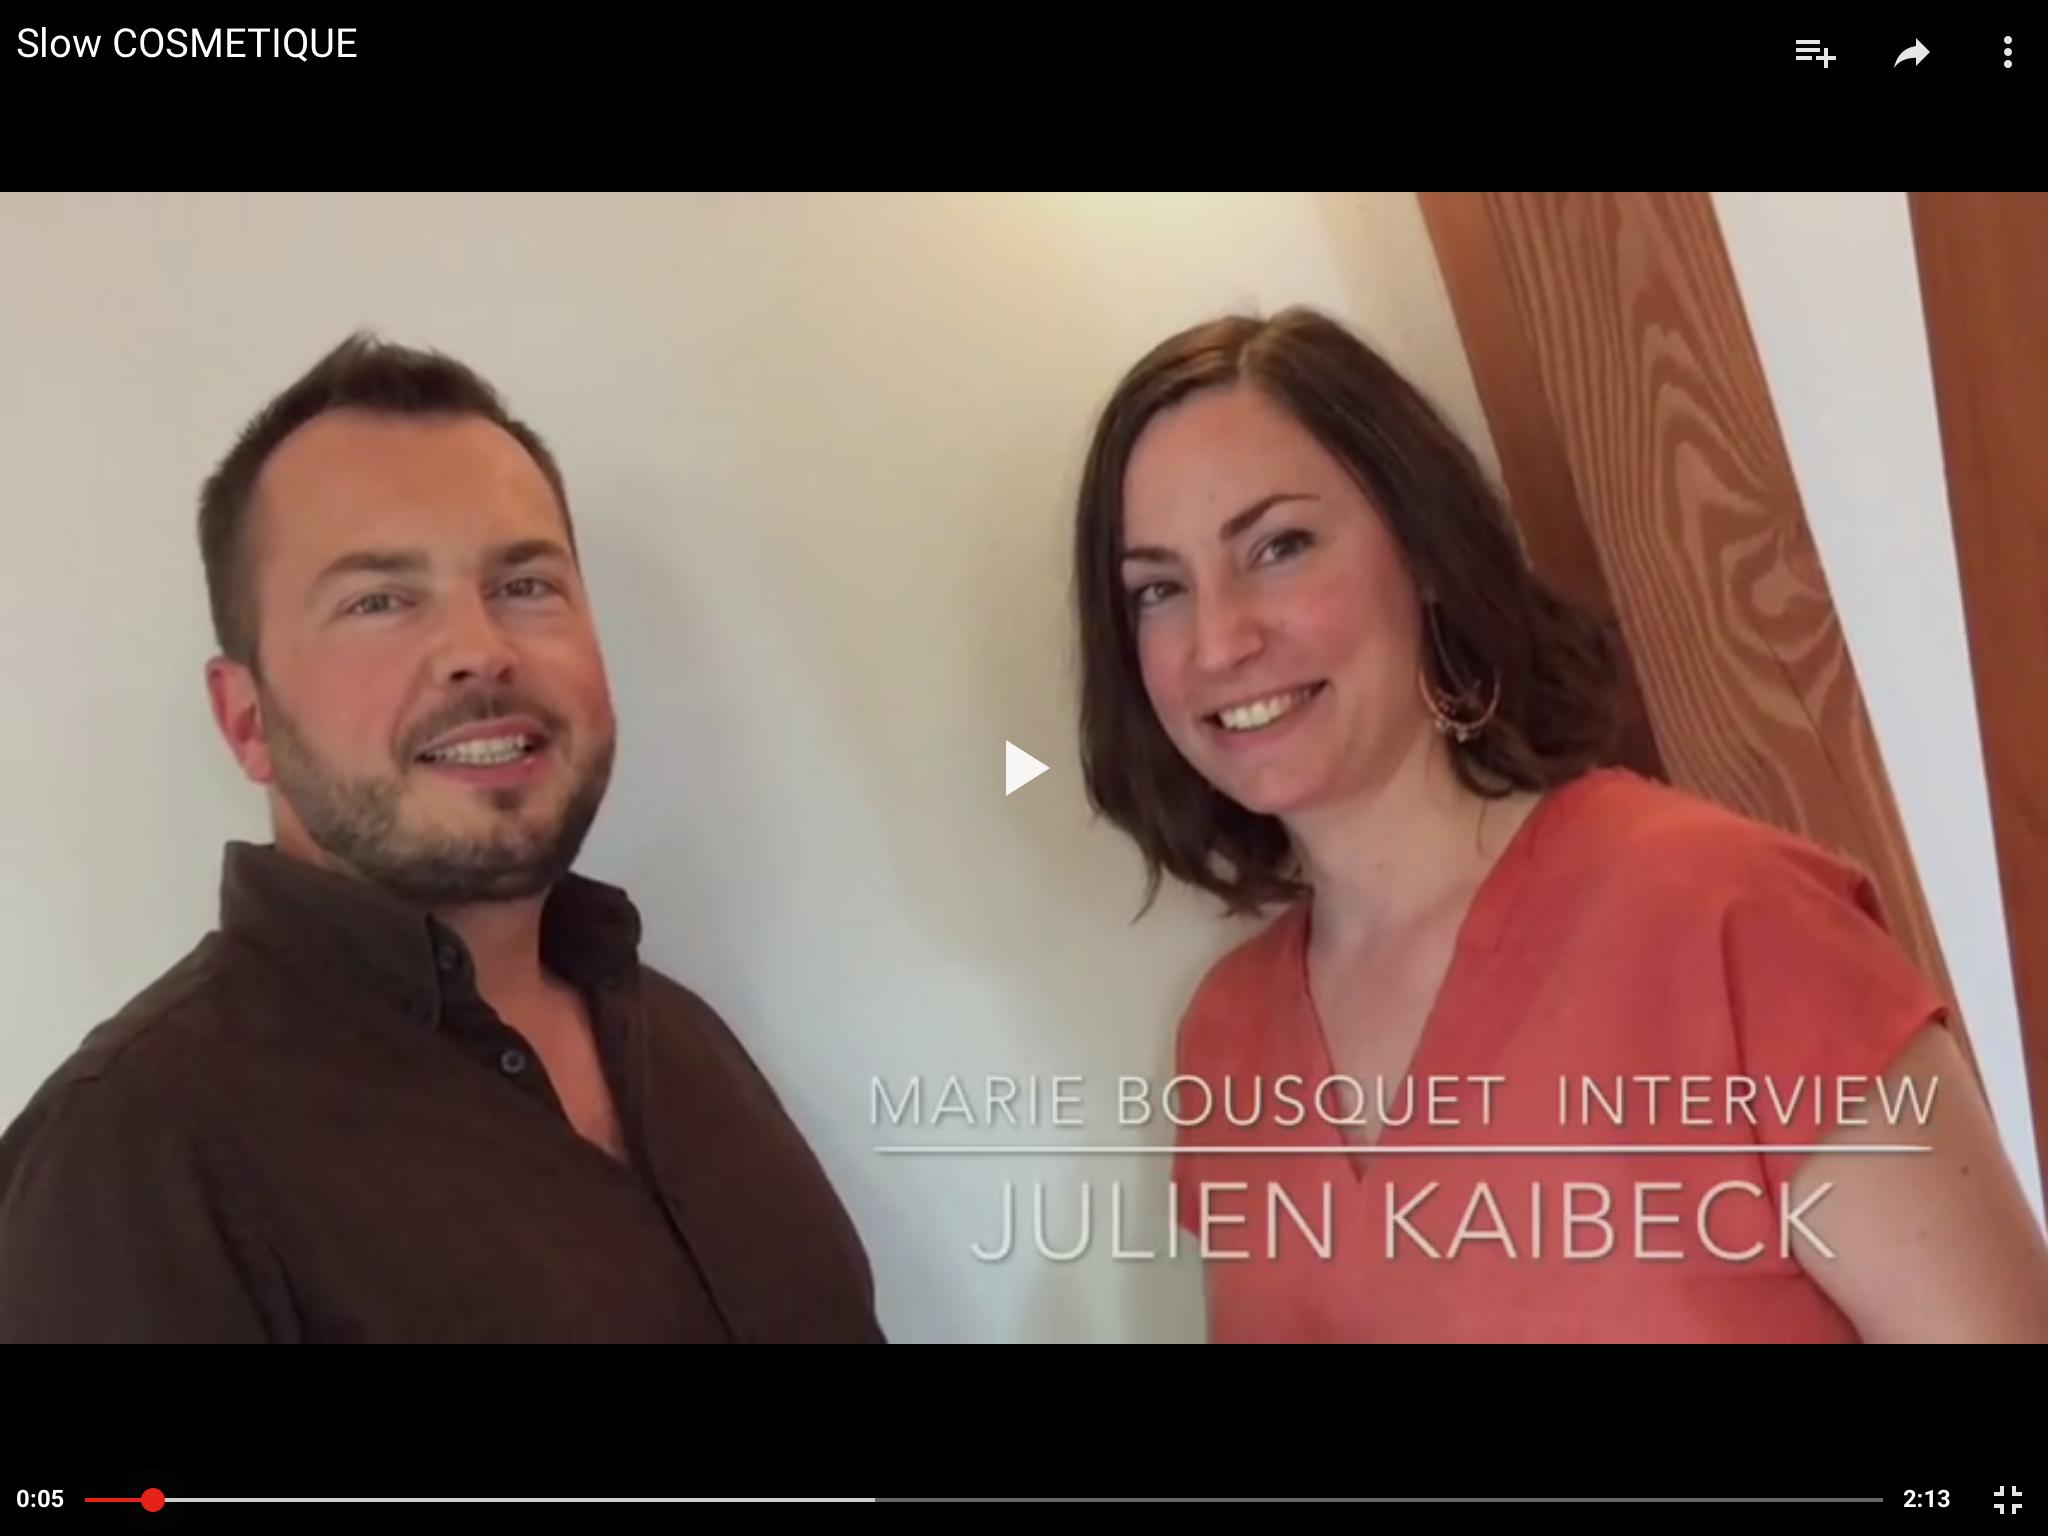 DeSlow Cosmetique Julien Kaibeck Ateliers de la Souris Verte PARIS STAGE FORMATIONscription de l'image